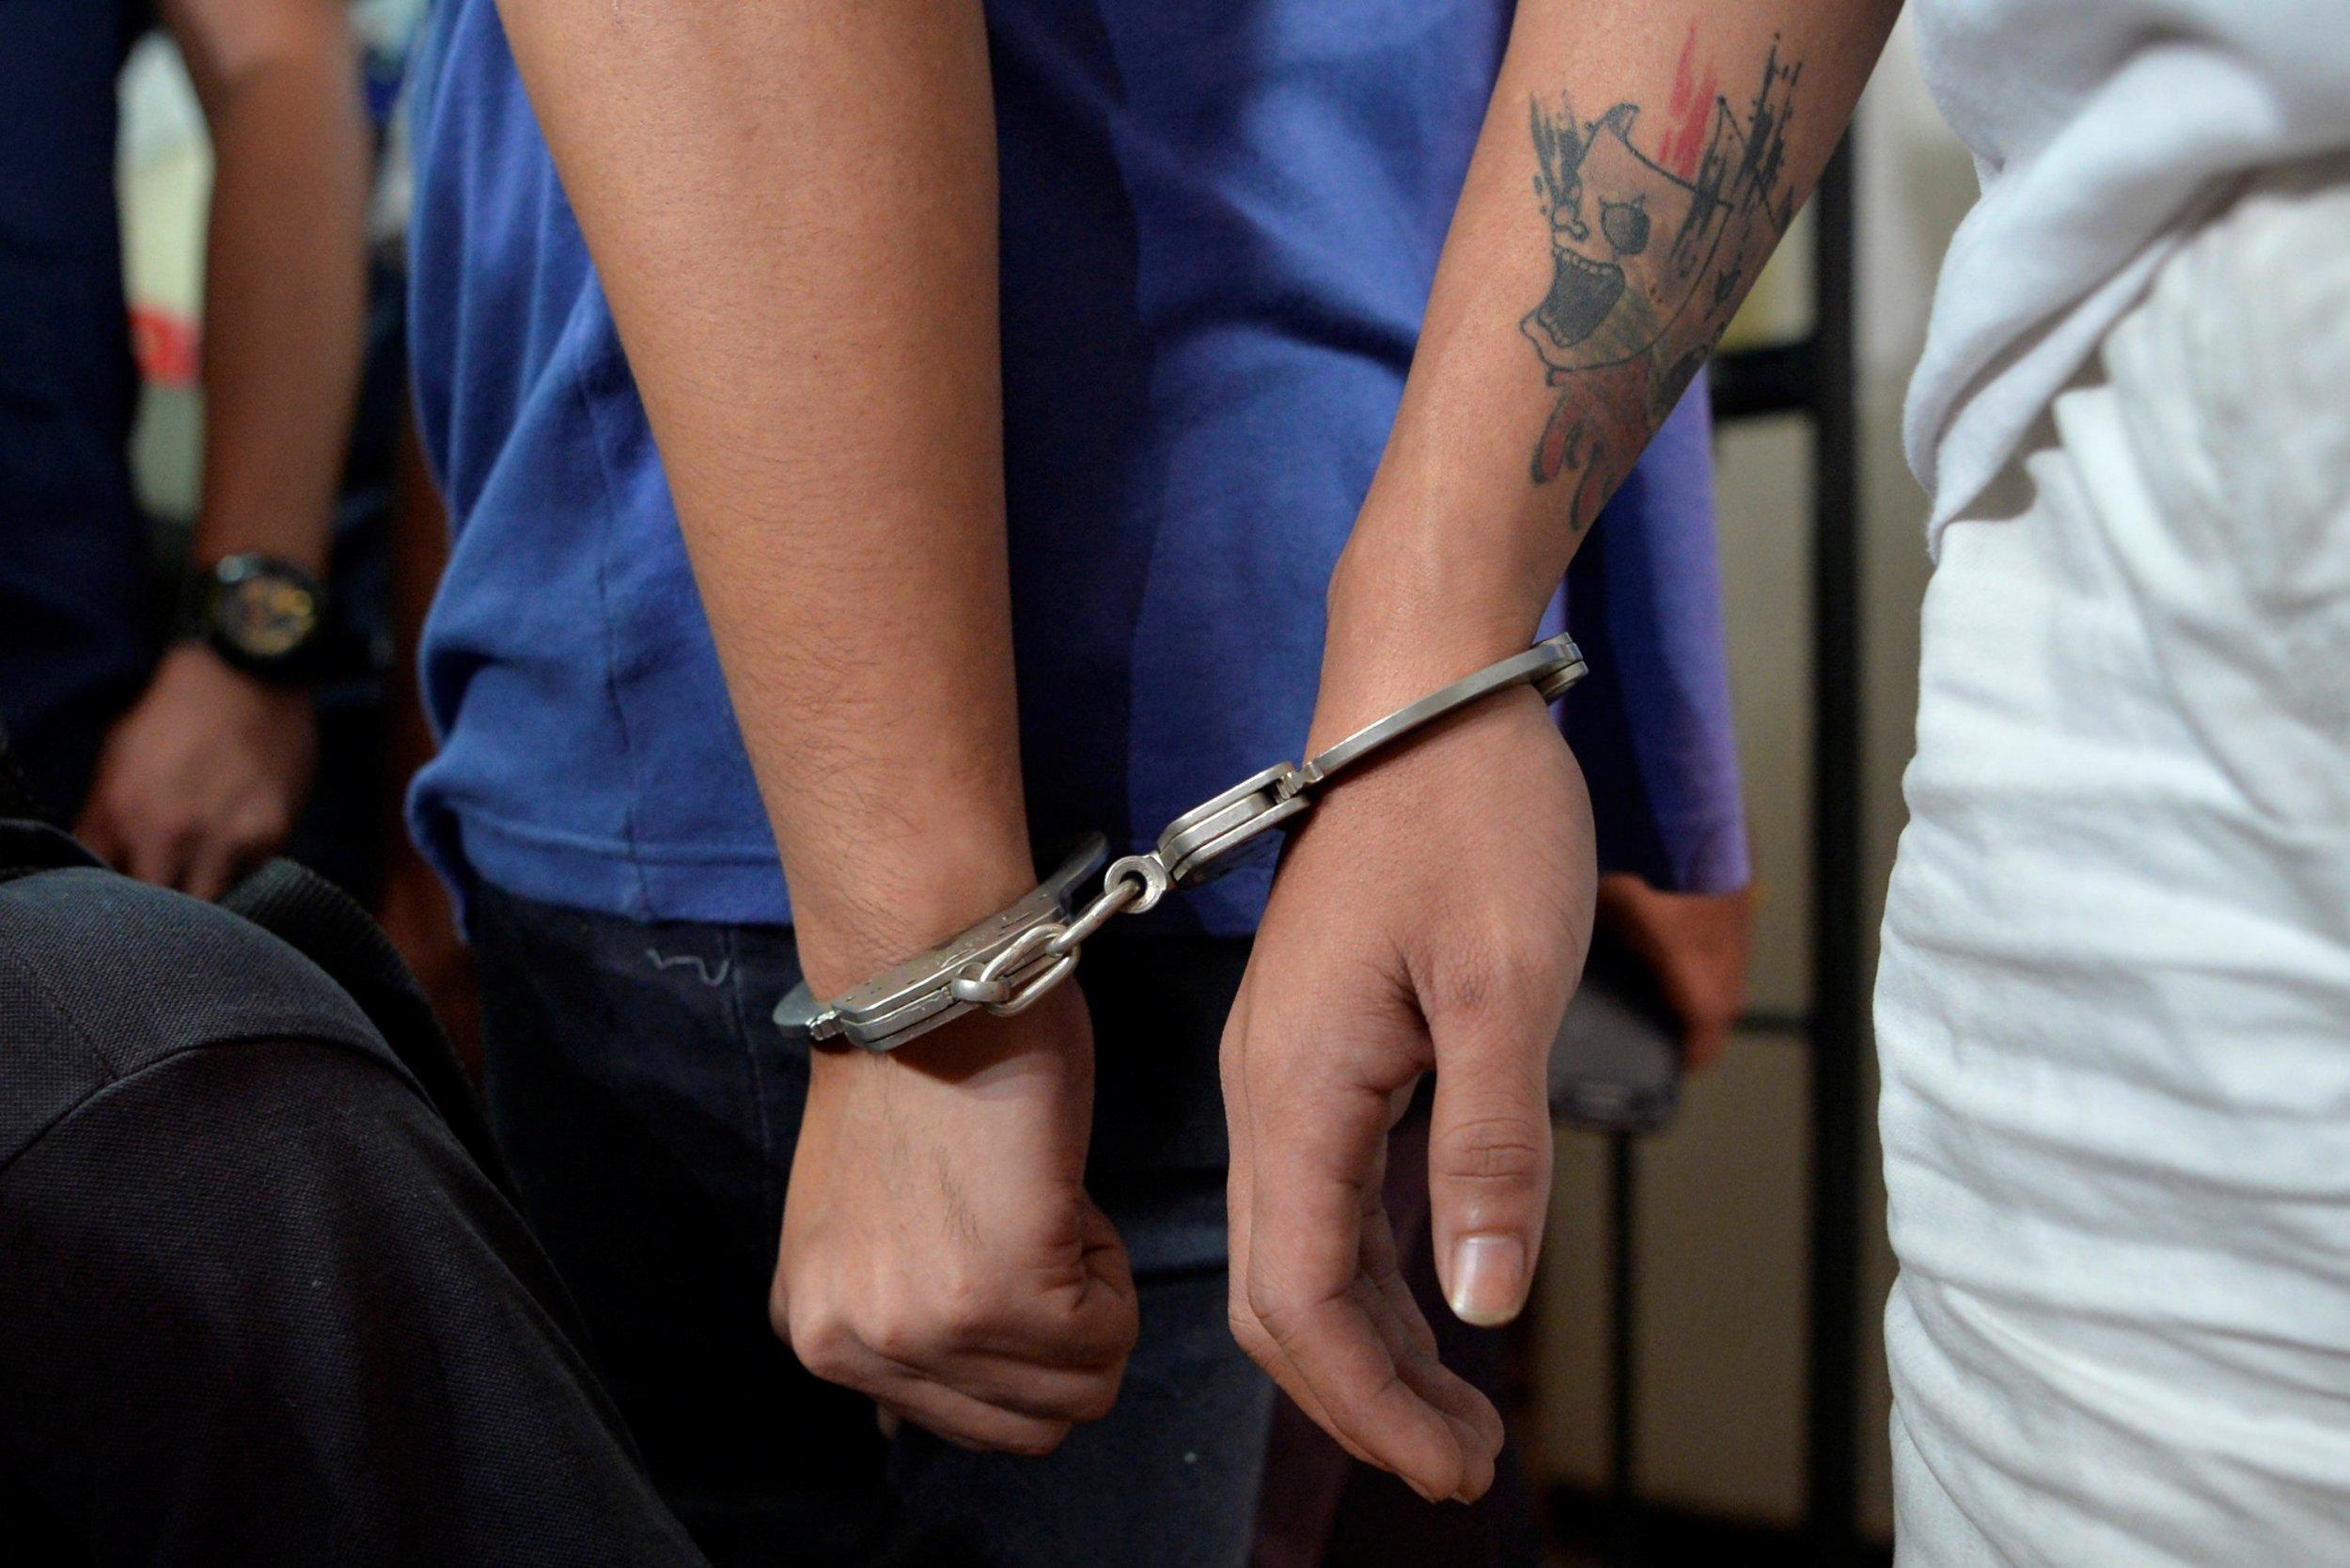 11_16_Handcuffs